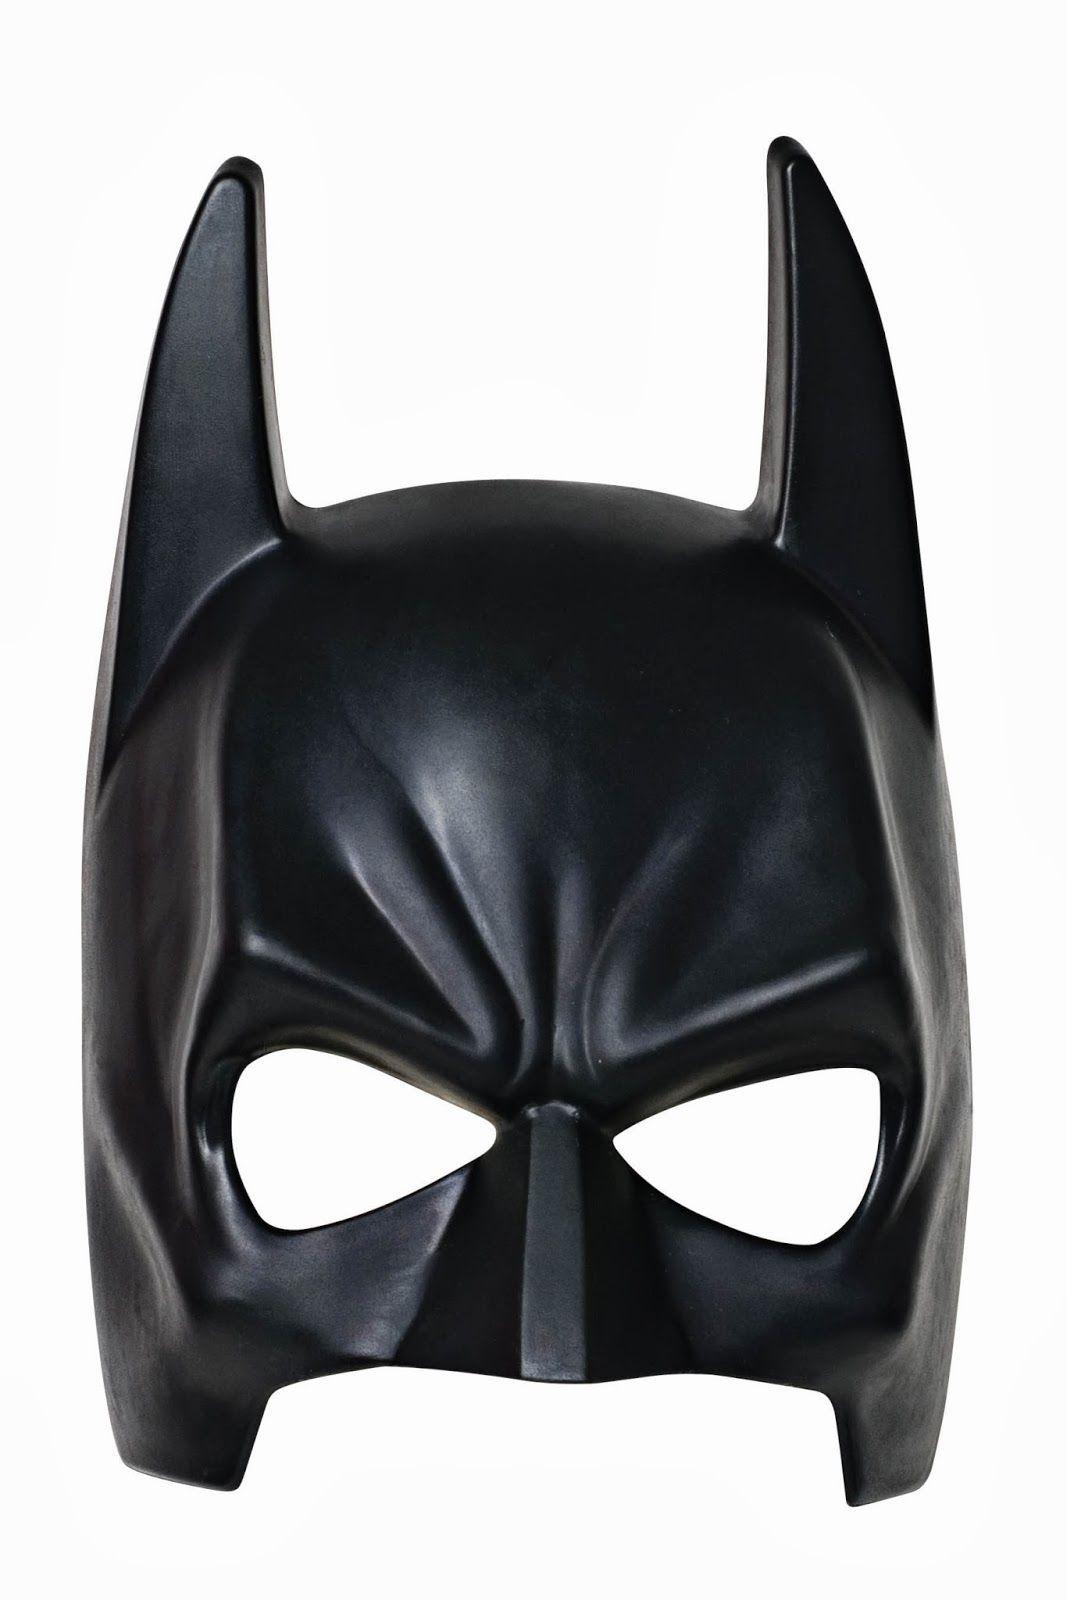 Batman and Batgirl Free Printable Masks. | Party: Masks & costumes ...